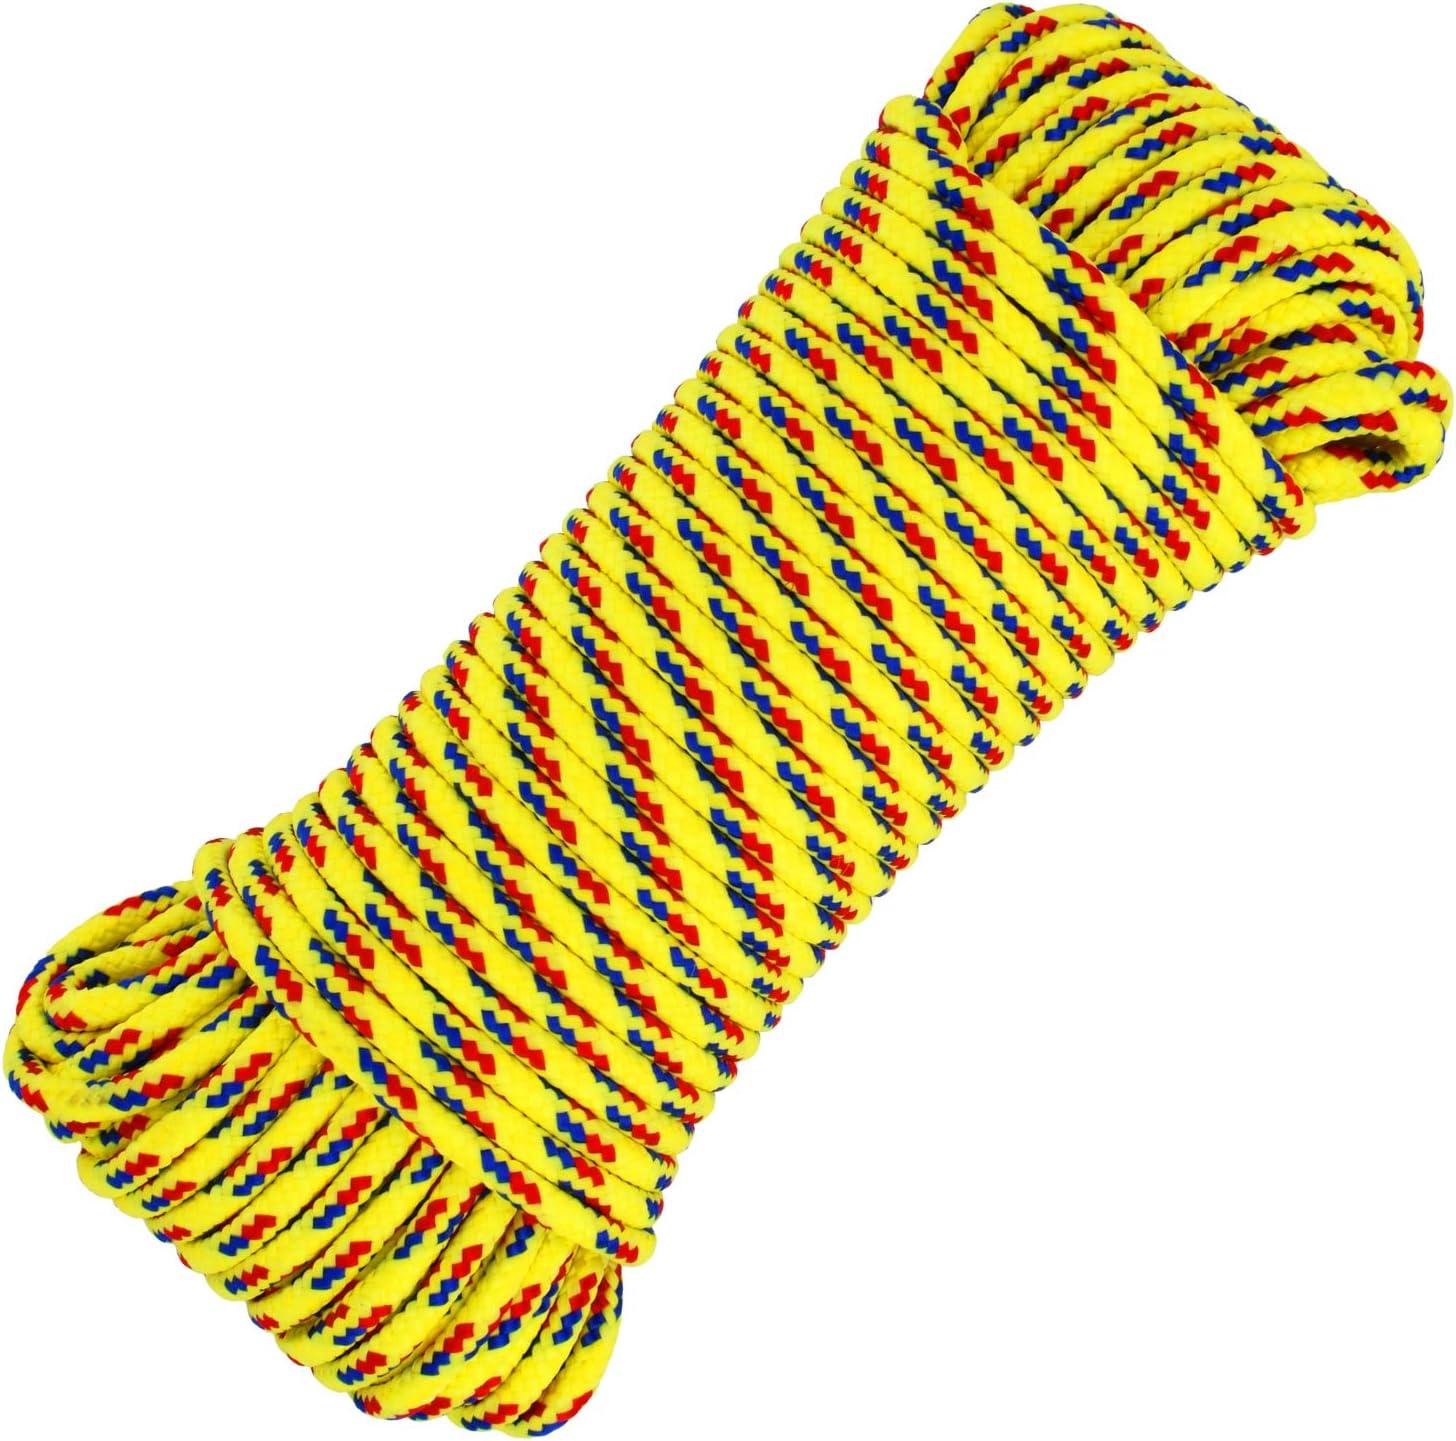 stendibiancheria com-four/® 1x Fune Multiuso da 30m 30 Metri - Giallo Cavo di Fissaggio Versatile Corda in Polipropilene Linea Intrecciata per Regali Fai-da-Te